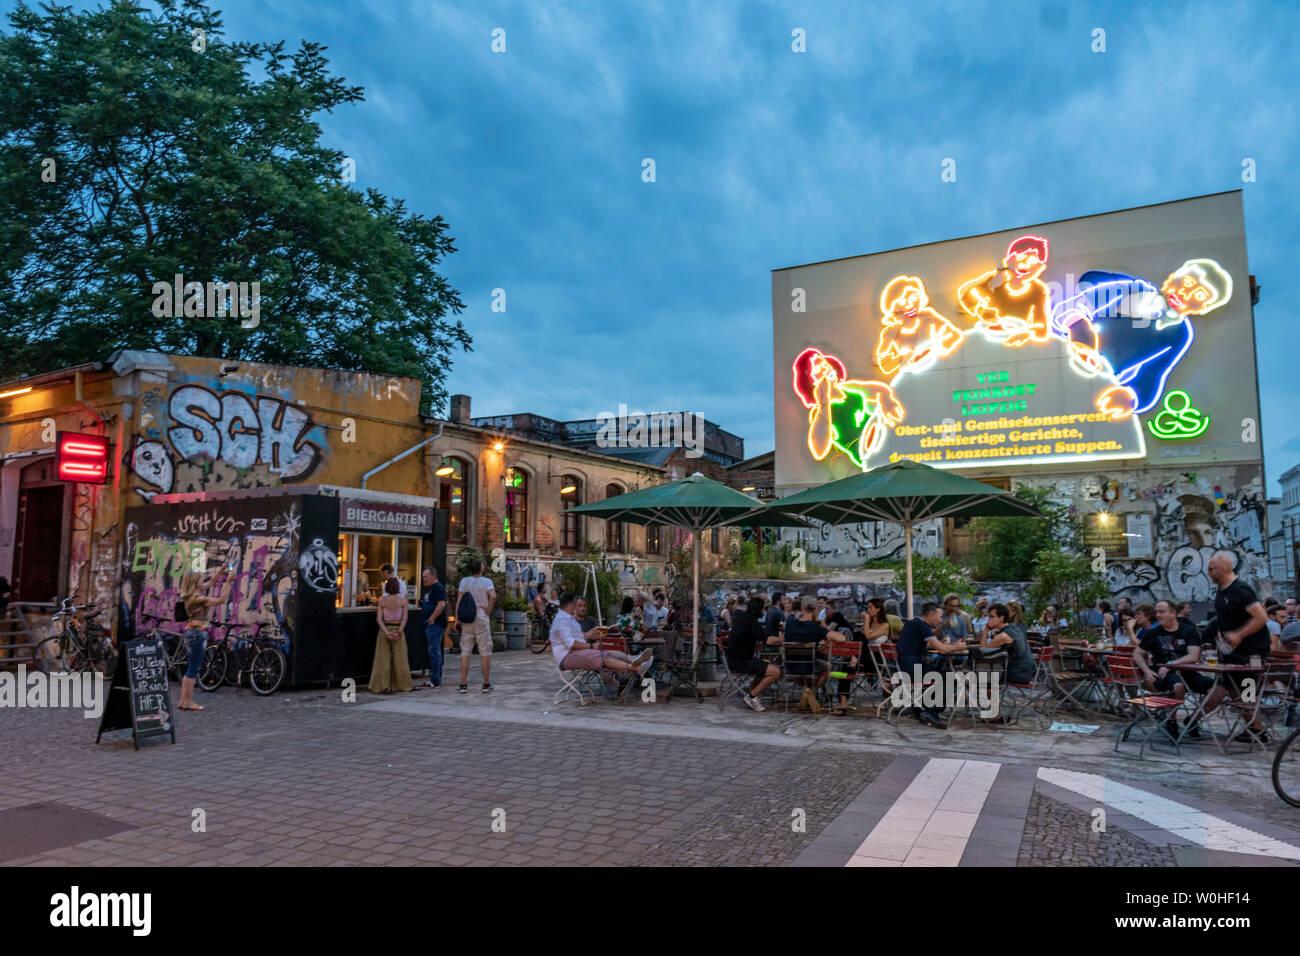 Beer garden, Karl-Liebknecht-Strasse 26, Kali, VEB Feinkost Leipzig-Cennewitz - Stock Image